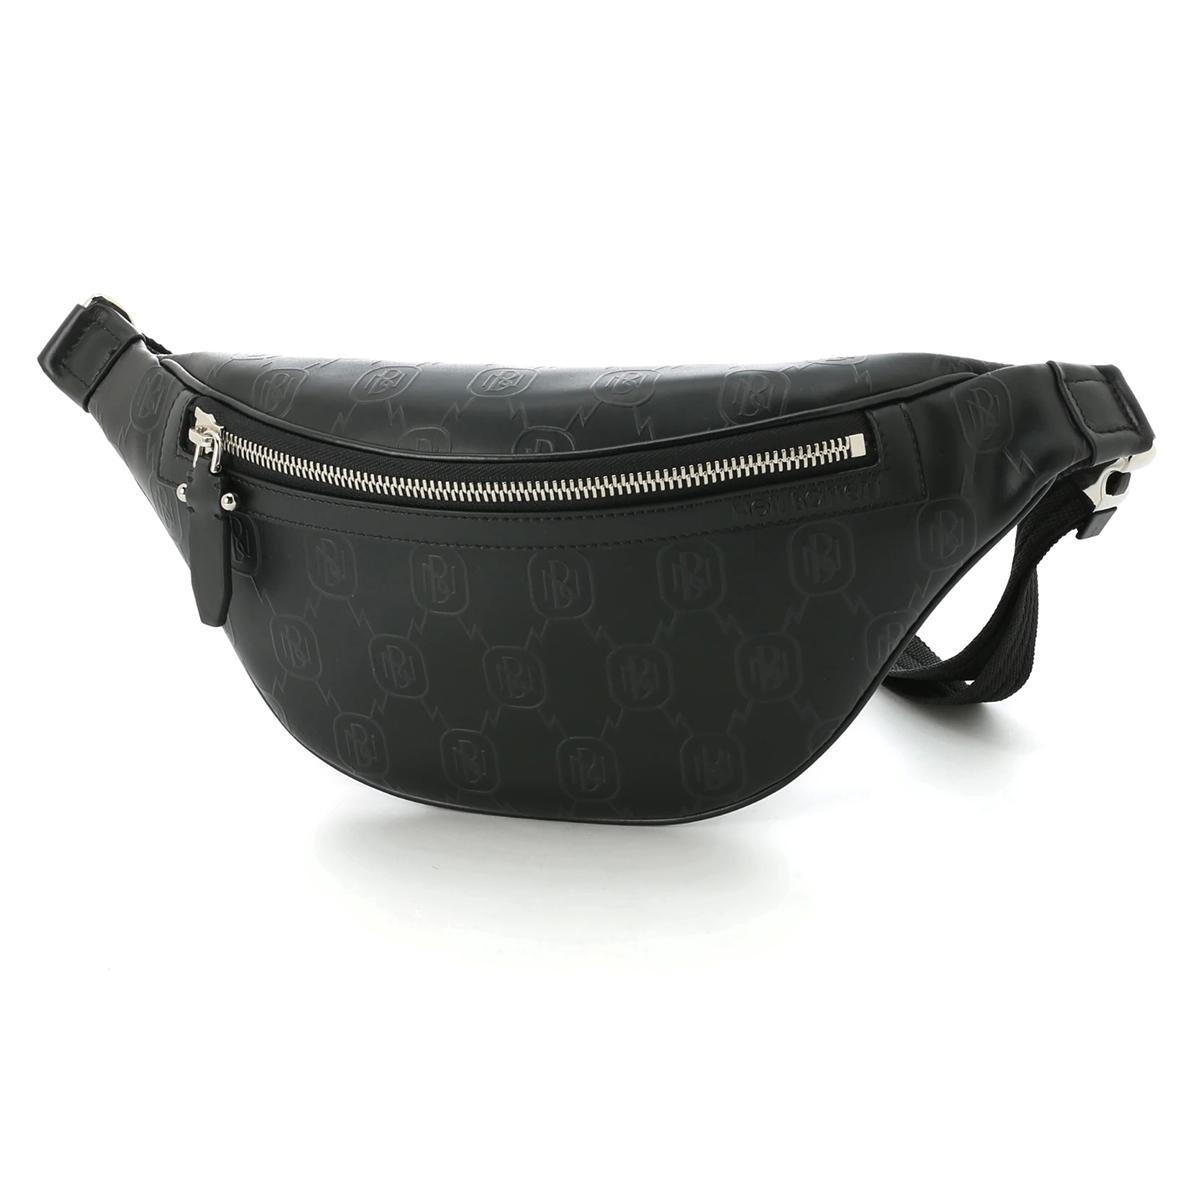 ニールバレット NeIL BarreTT クロスボディバッグ ブラック メンズ pbbo211l n9111 01 MONOGRAM LEATHER BELT BAG【あす楽対応_関東】【返品送料無料】【ラッピング無料】